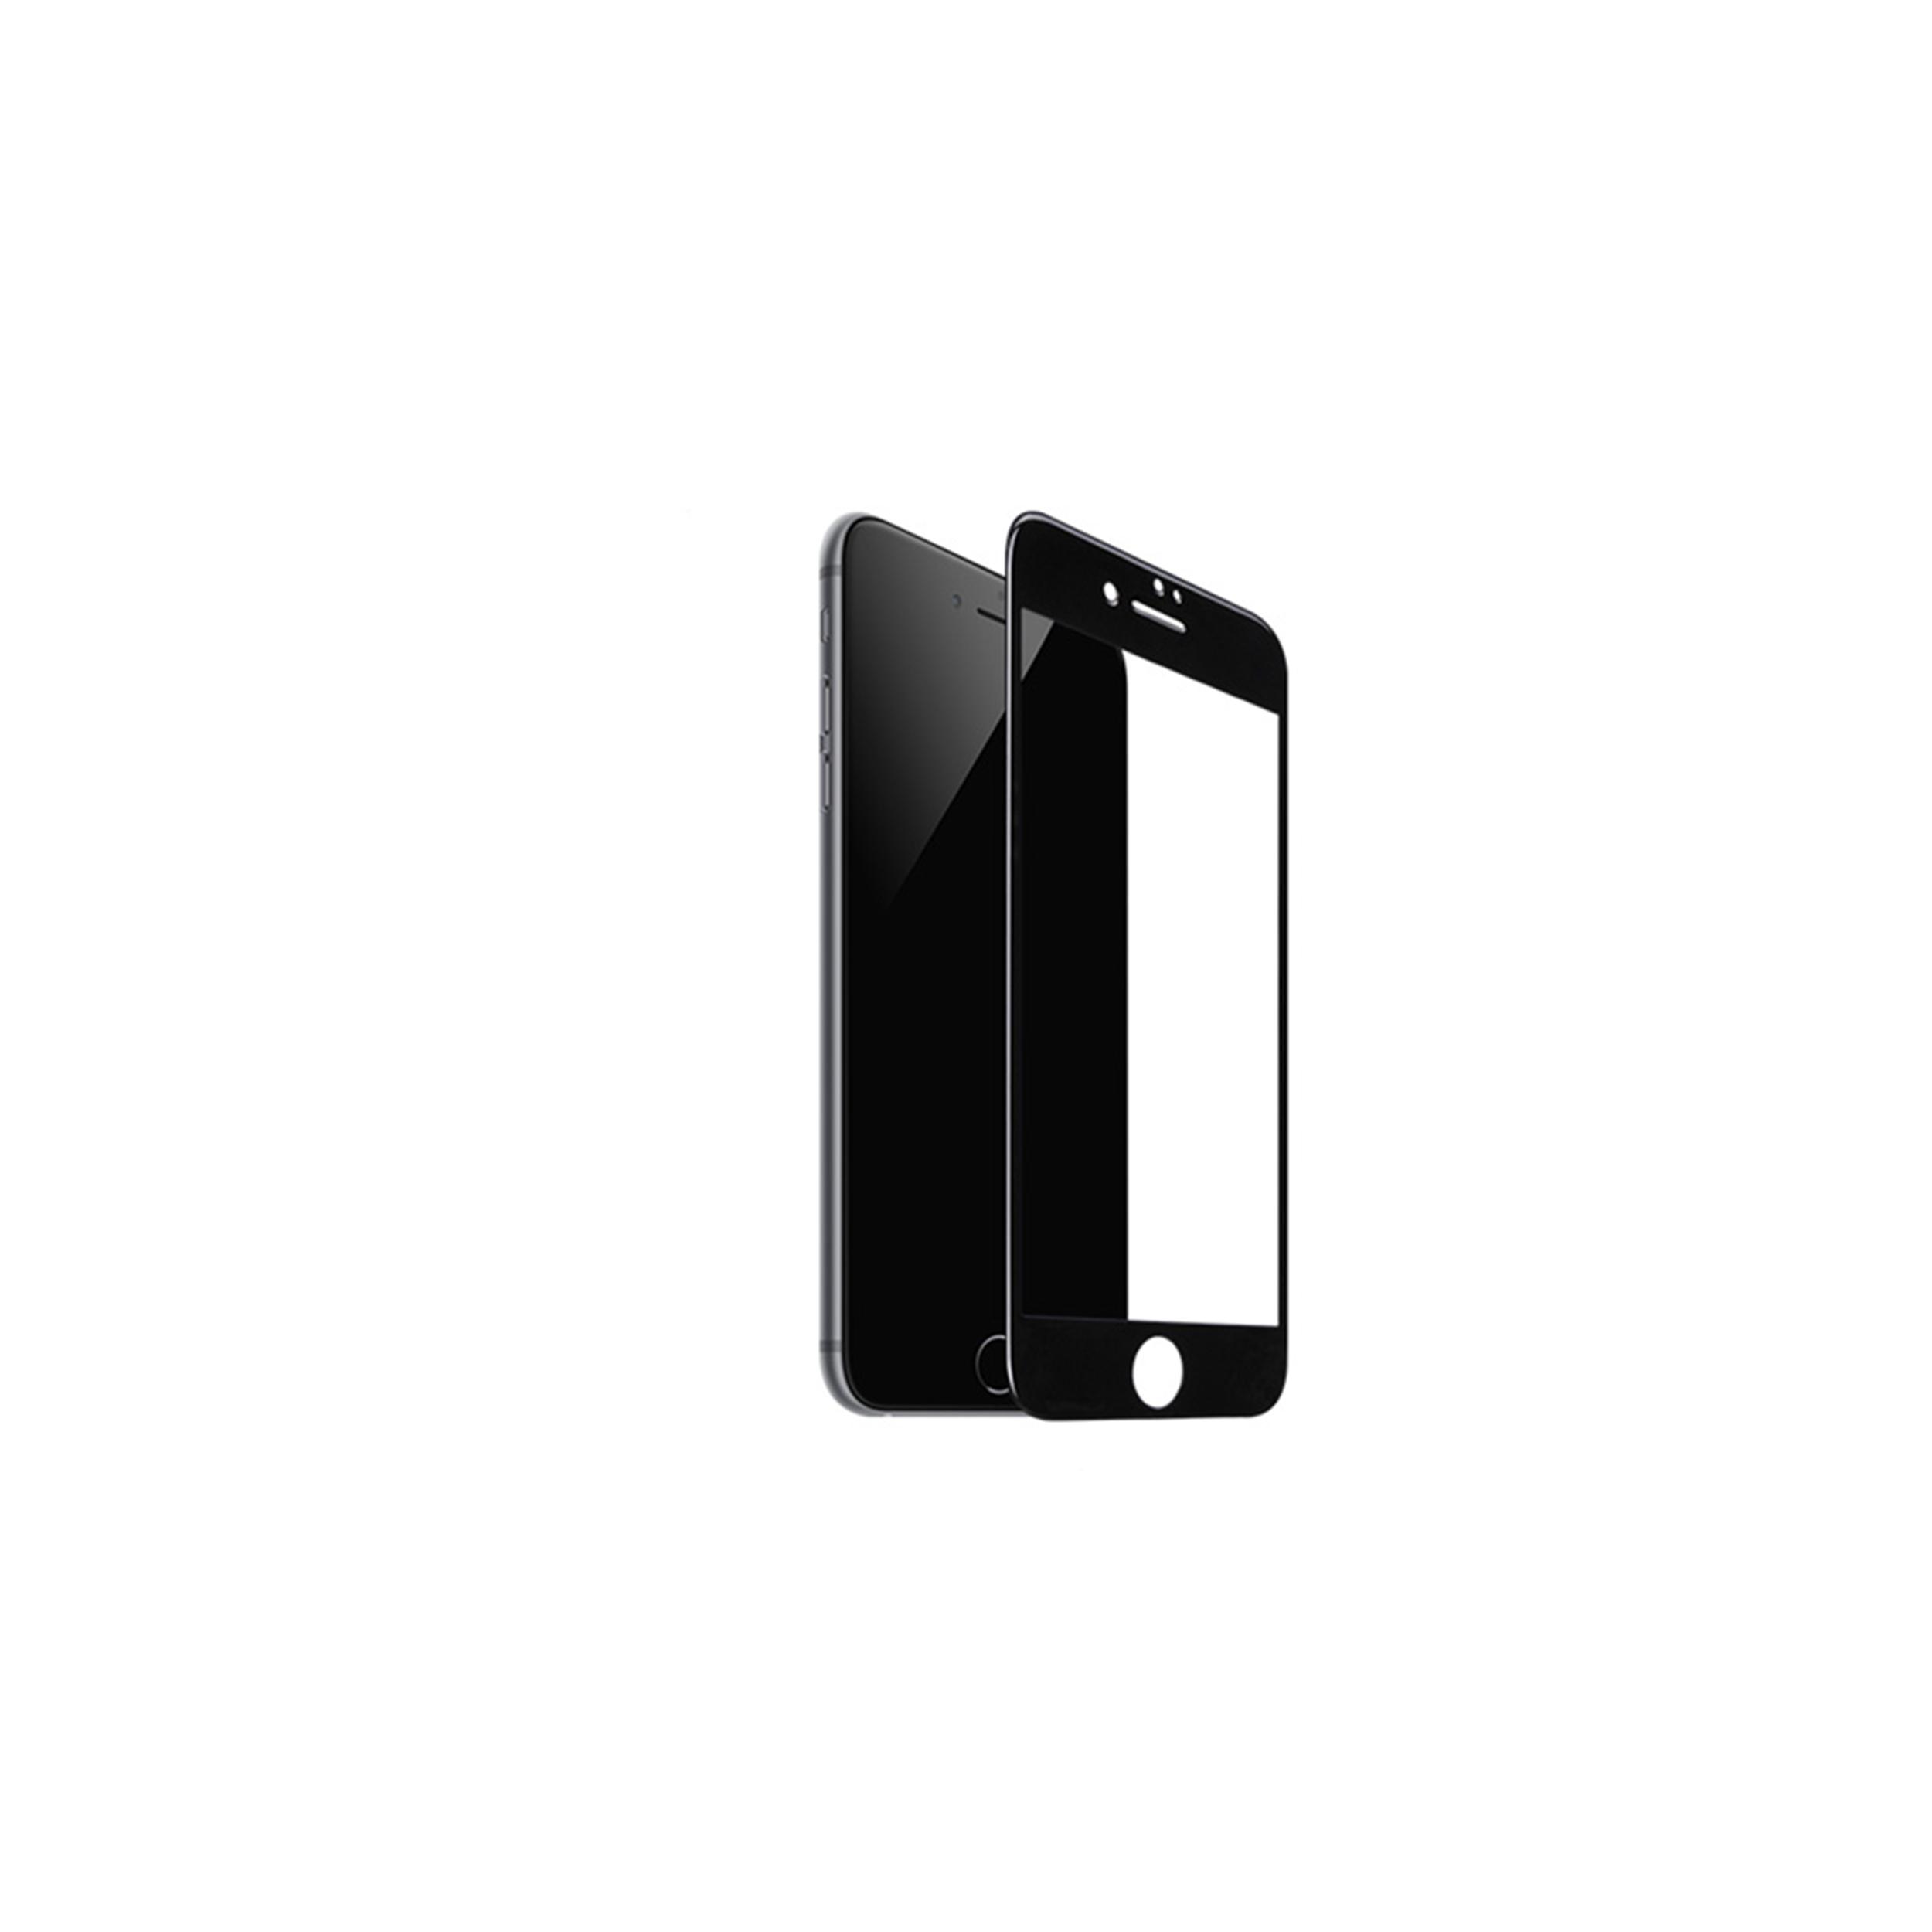 محافظ صفحه نمایش مدل SP9 مناسب برای گوشی موبایل اپل iPhone 6 Plus